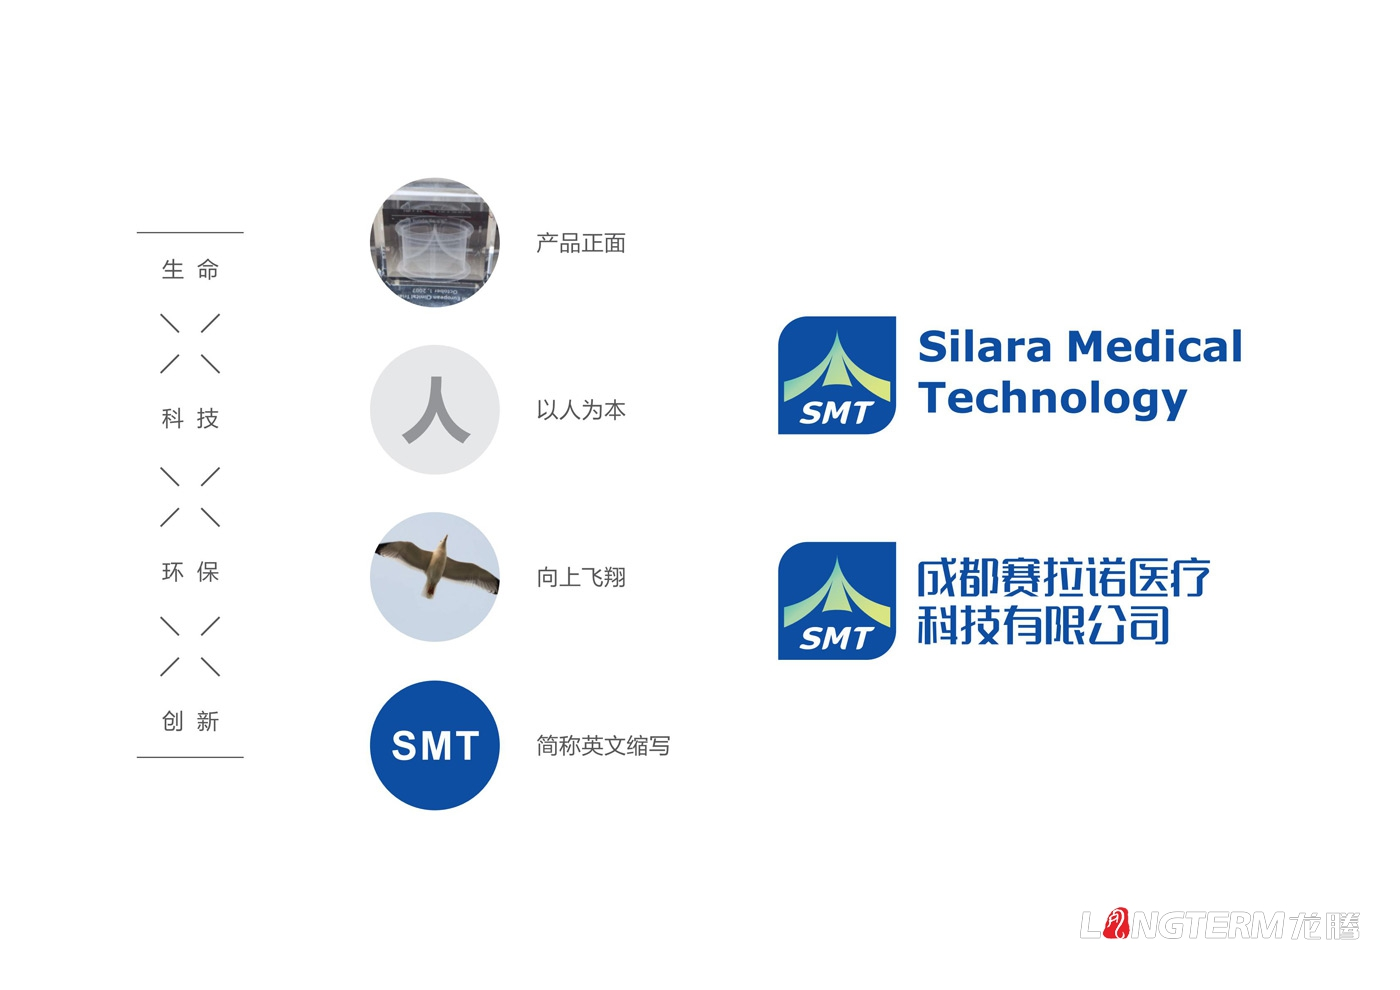 赛拉诺医疗科技公司LOGO设计_赛拉诺医疗科技有限公司品牌形象标志设计